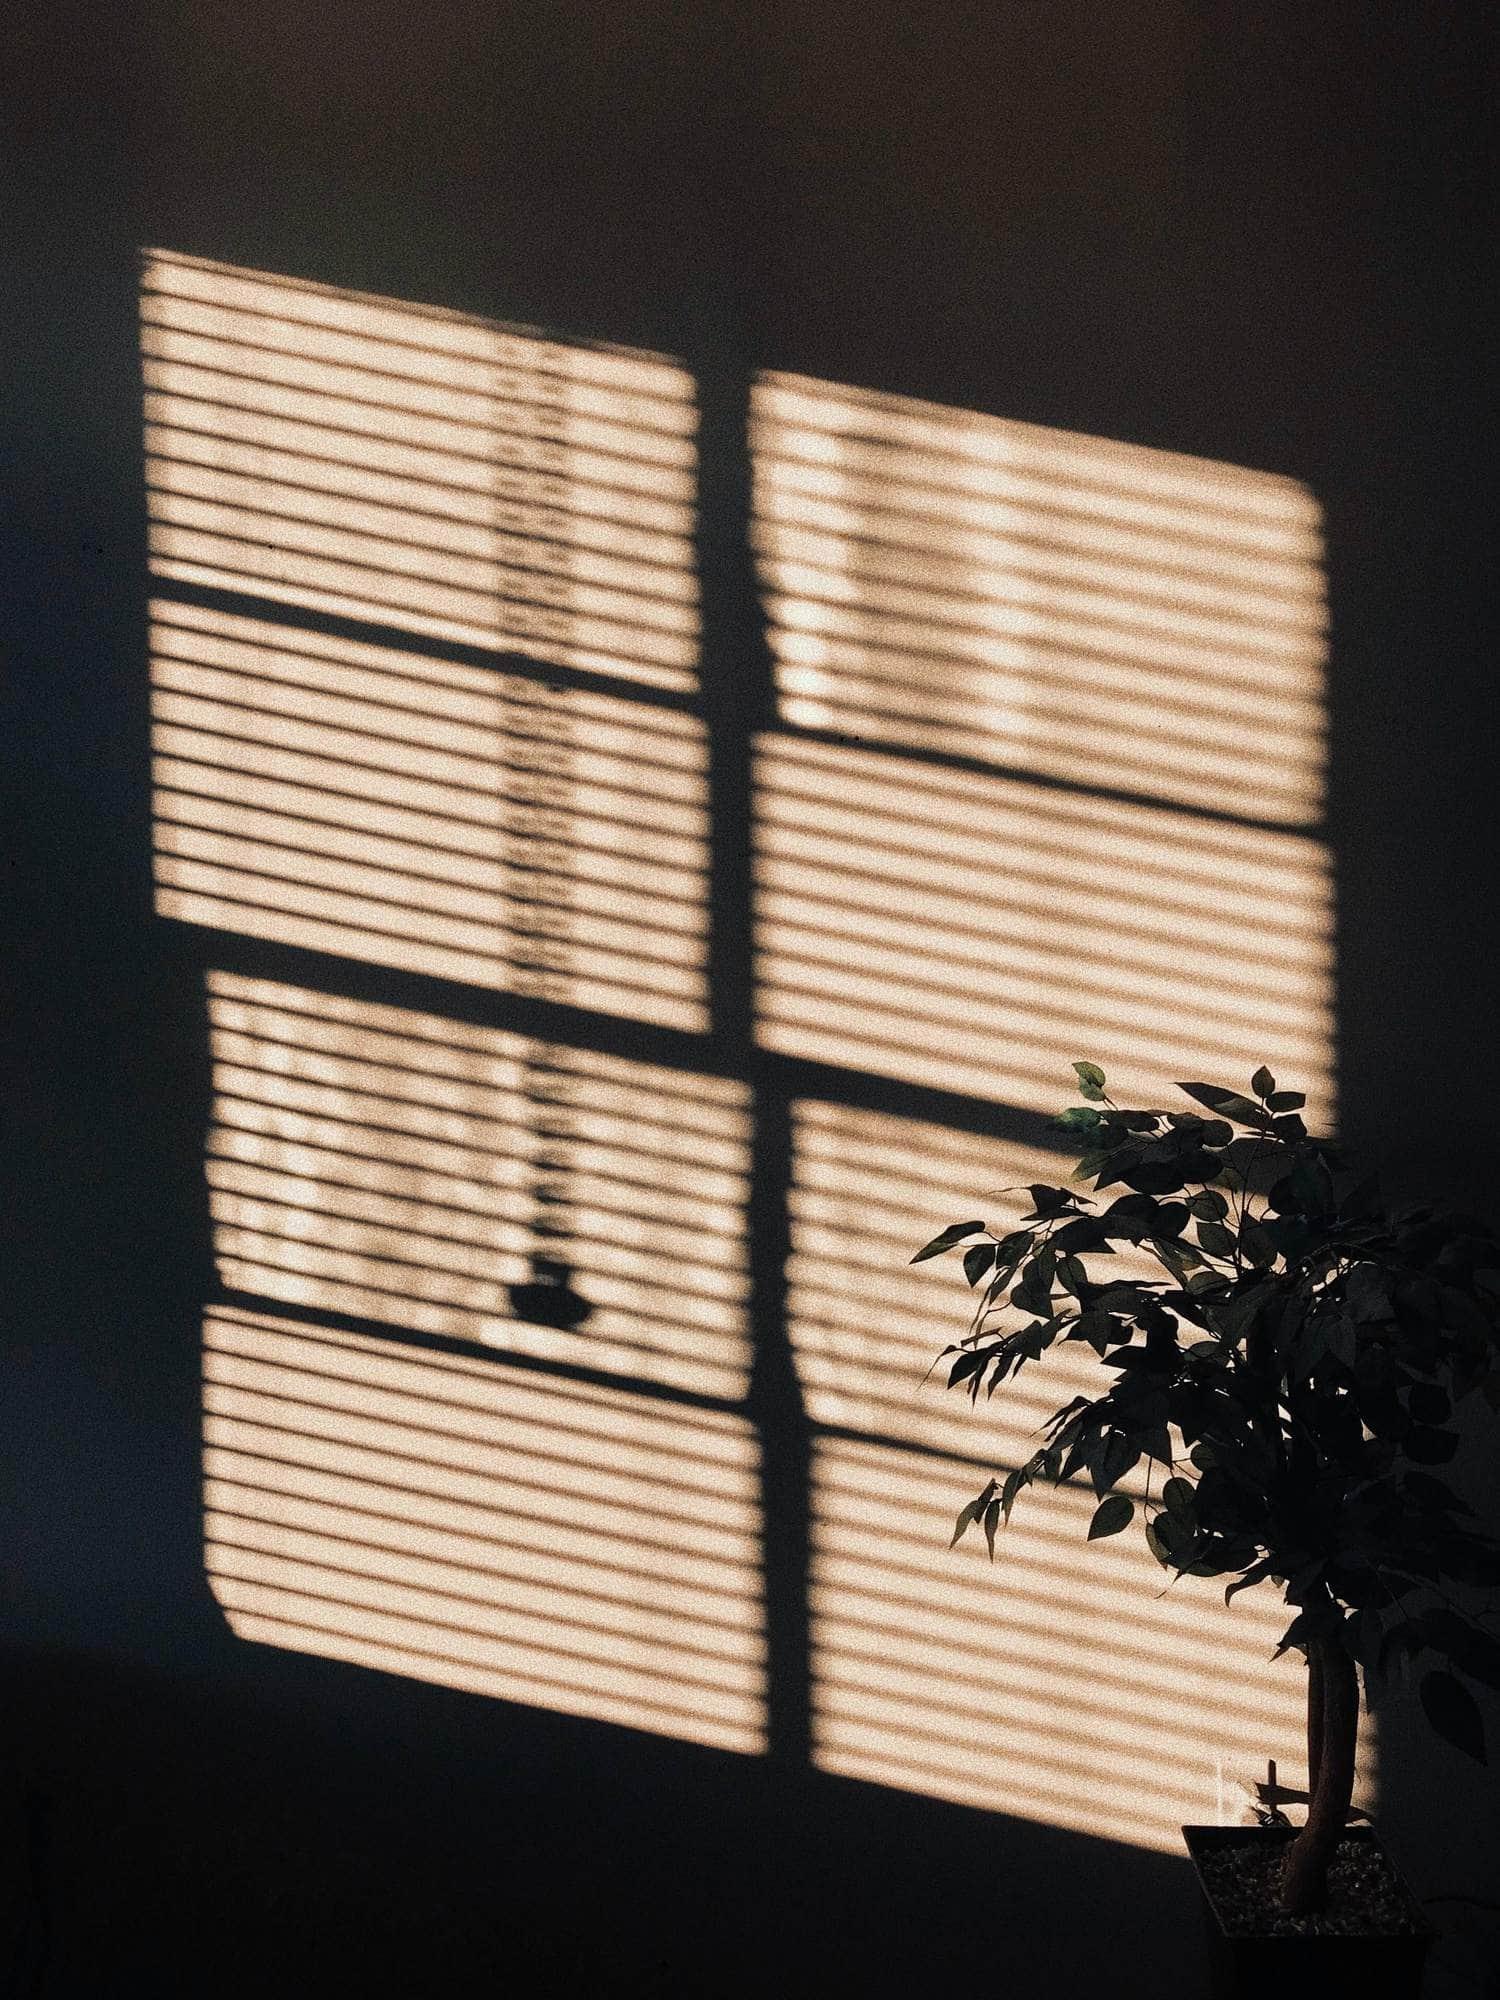 Sombras y luz en la pared